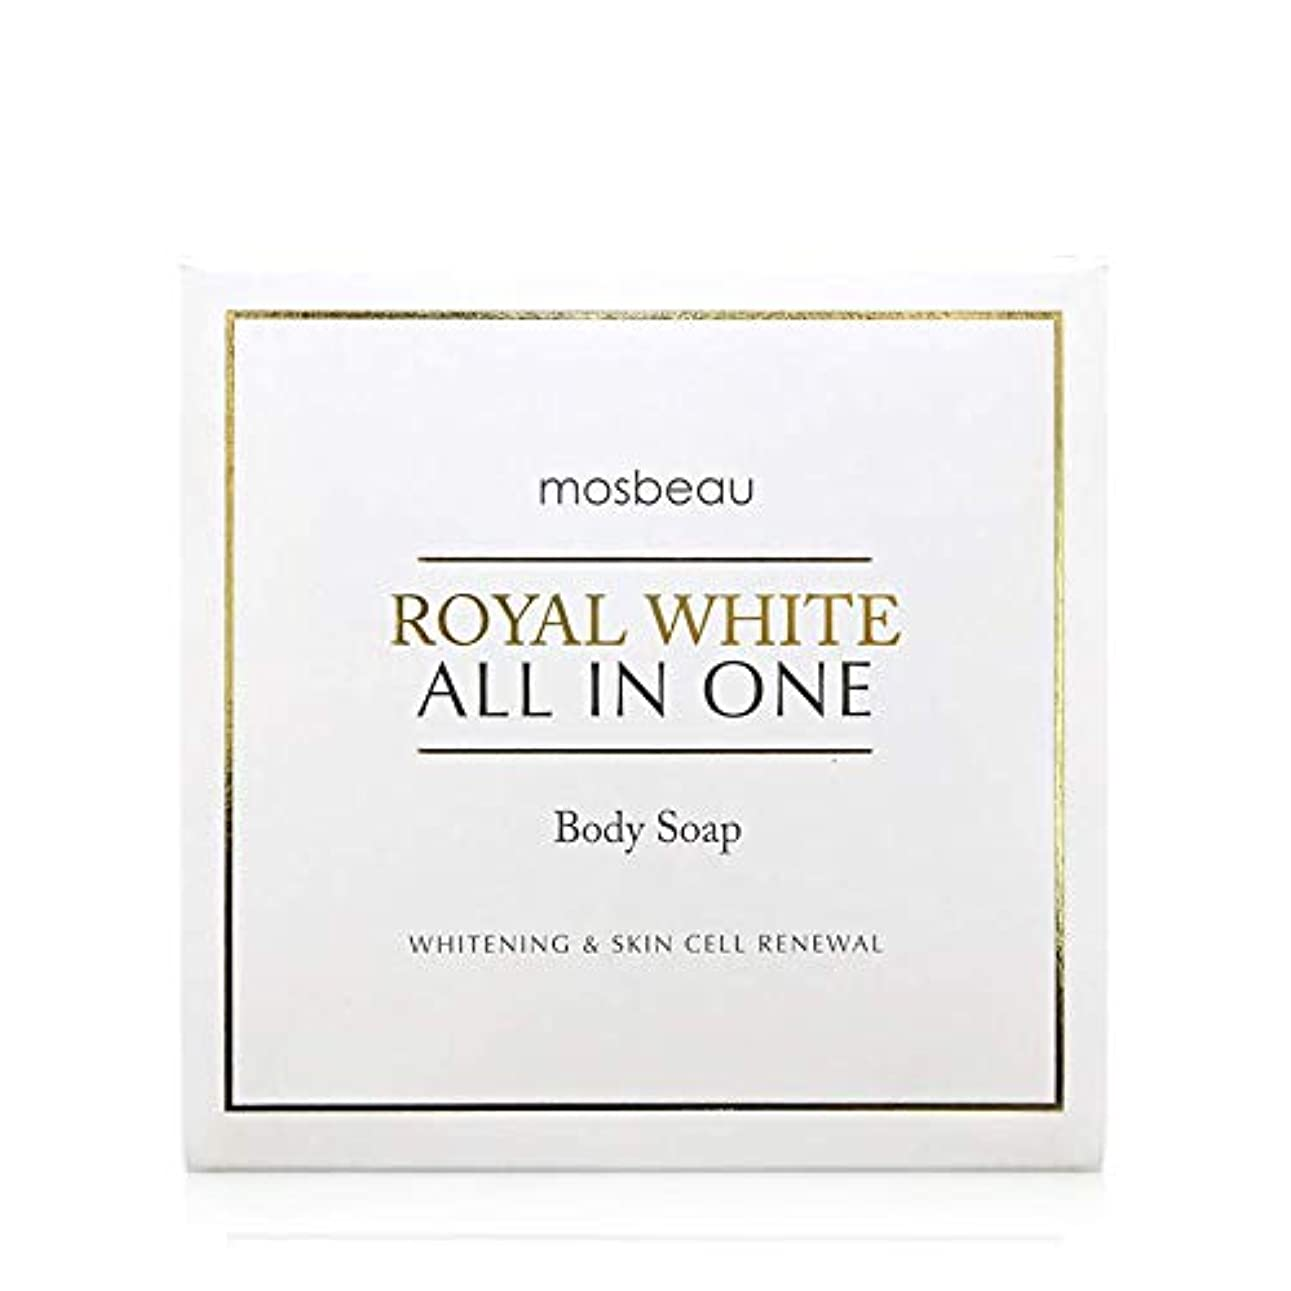 展望台ベスト正義mosbeau ROYAL WHITE ALL-IN-ONE BODY SOAP 100g ロィヤルホワイトオールインワンボディーソープ